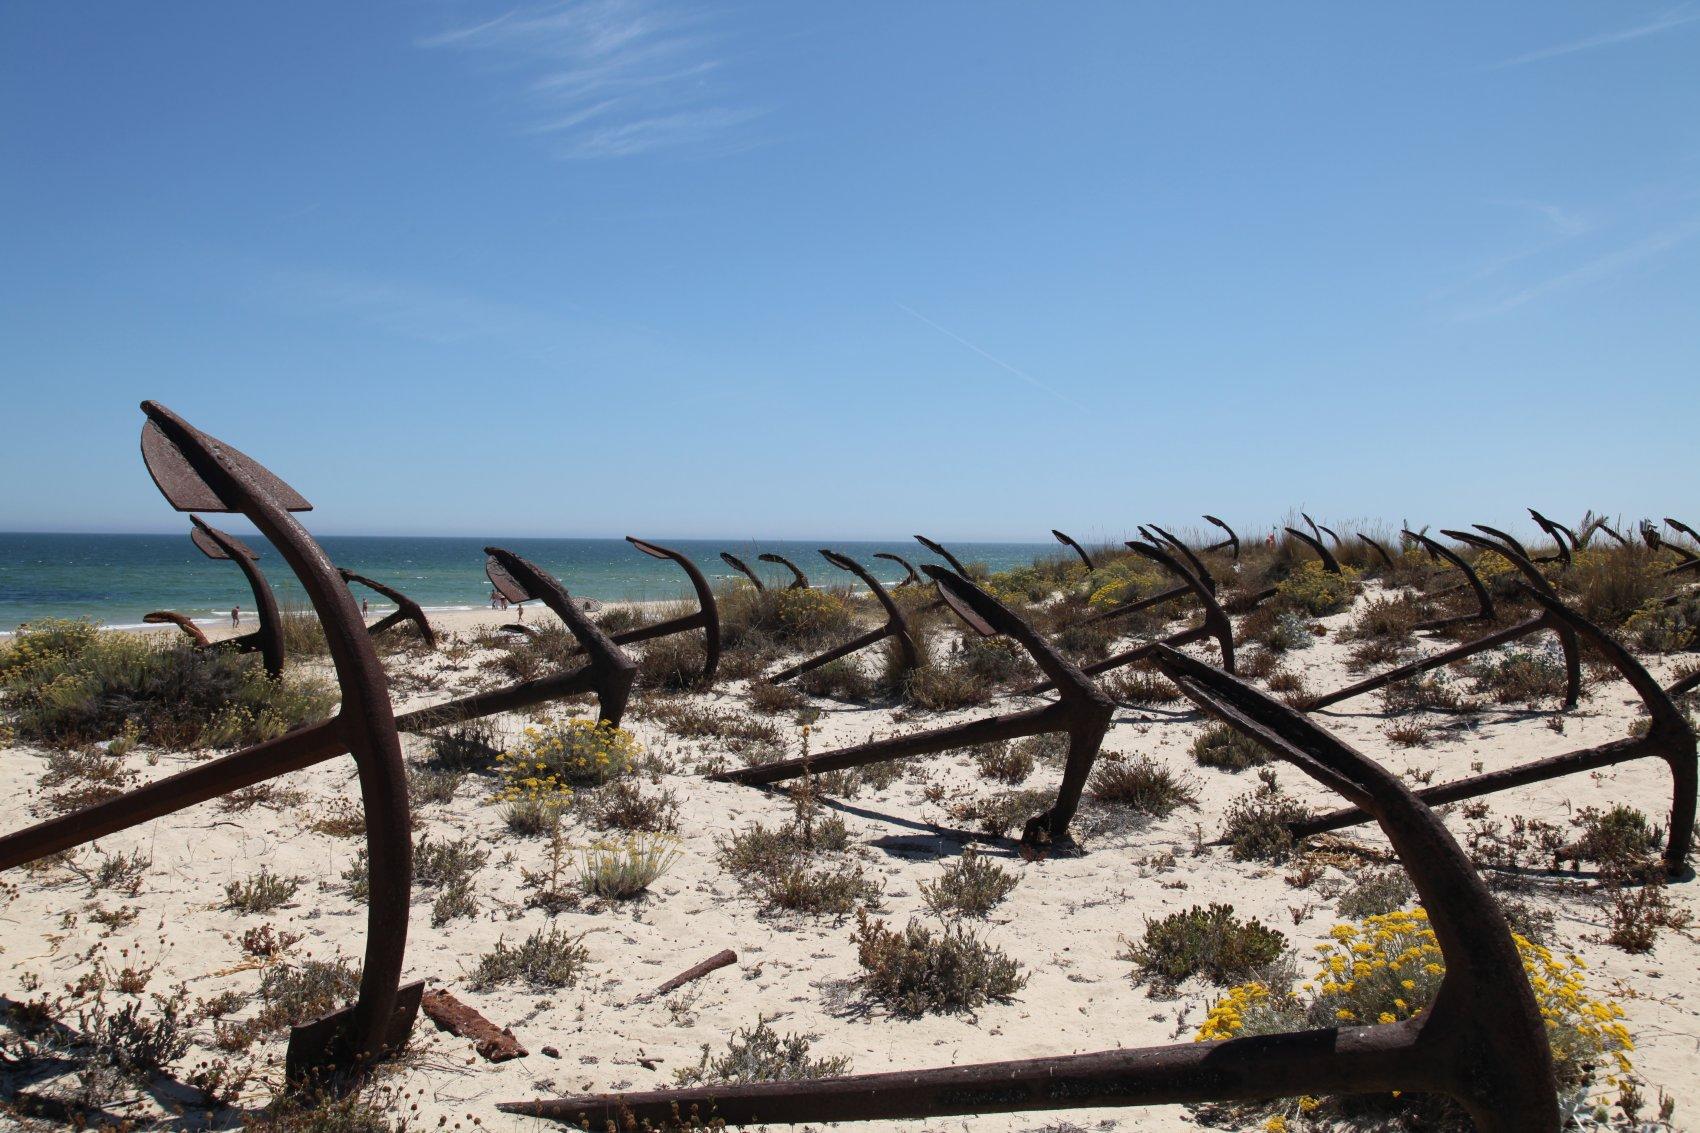 Кладбище якорей в конце пляжа